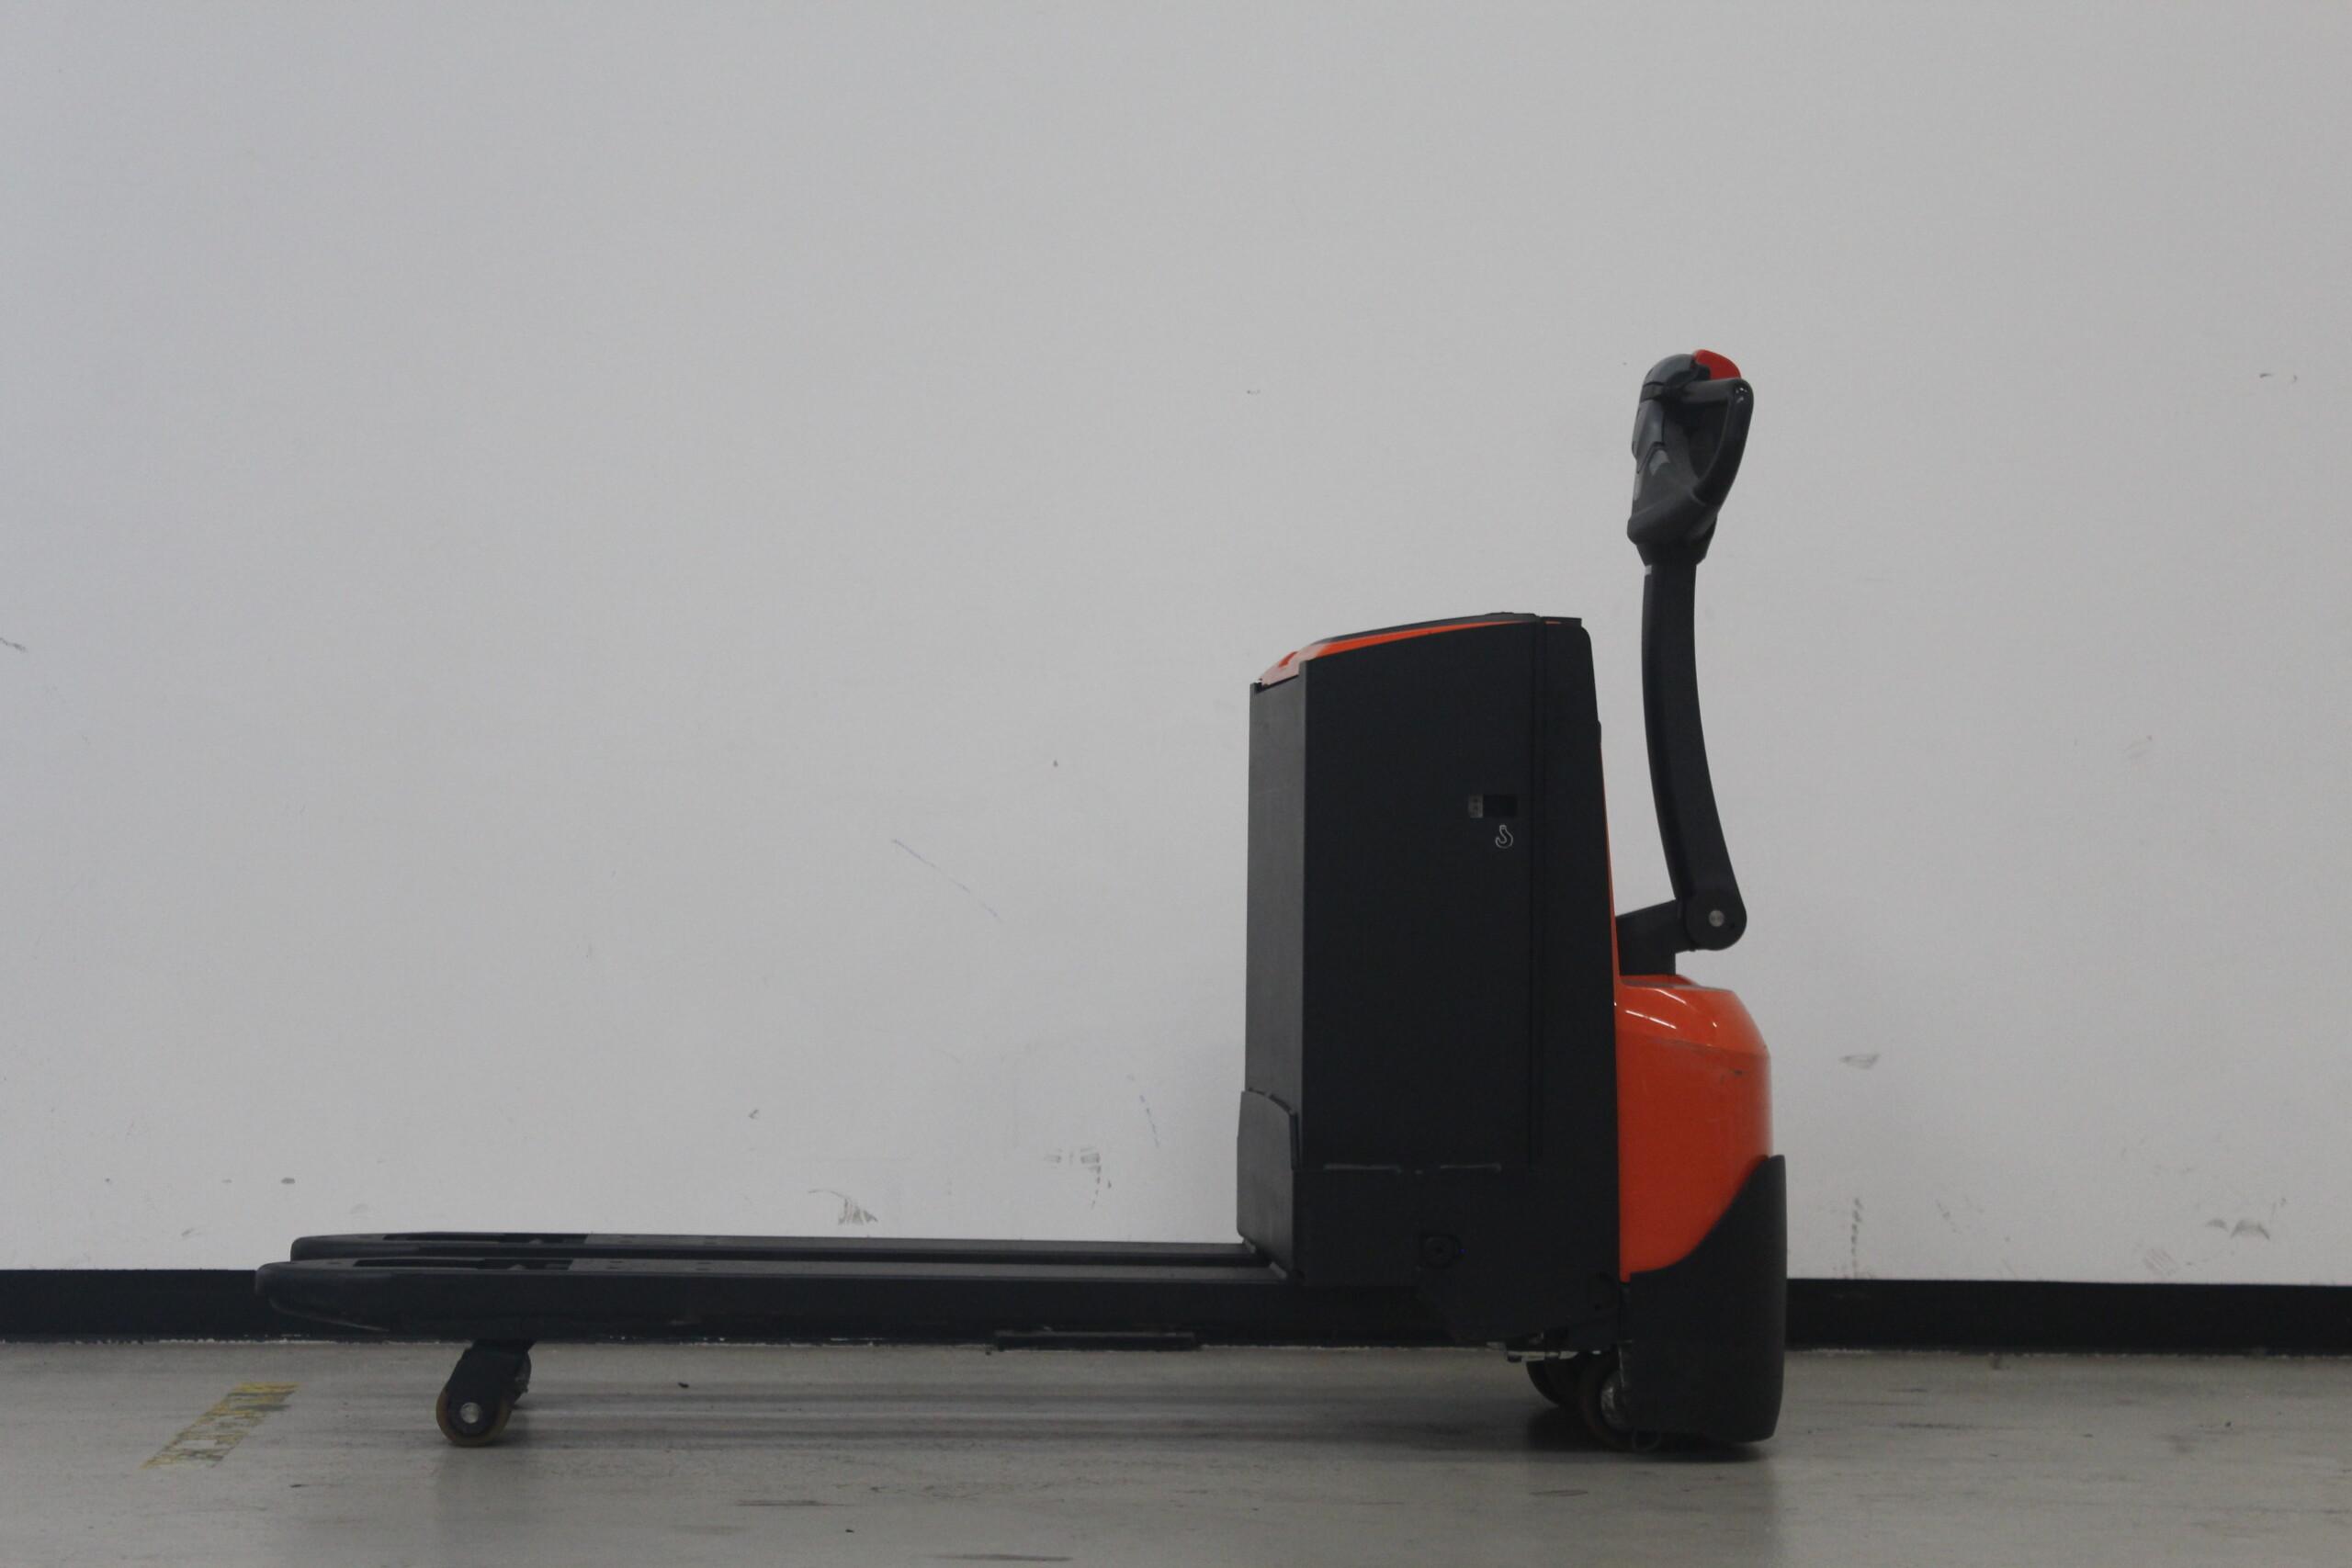 Toyota-Gabelstapler-59840 1610006816 1 5 scaled